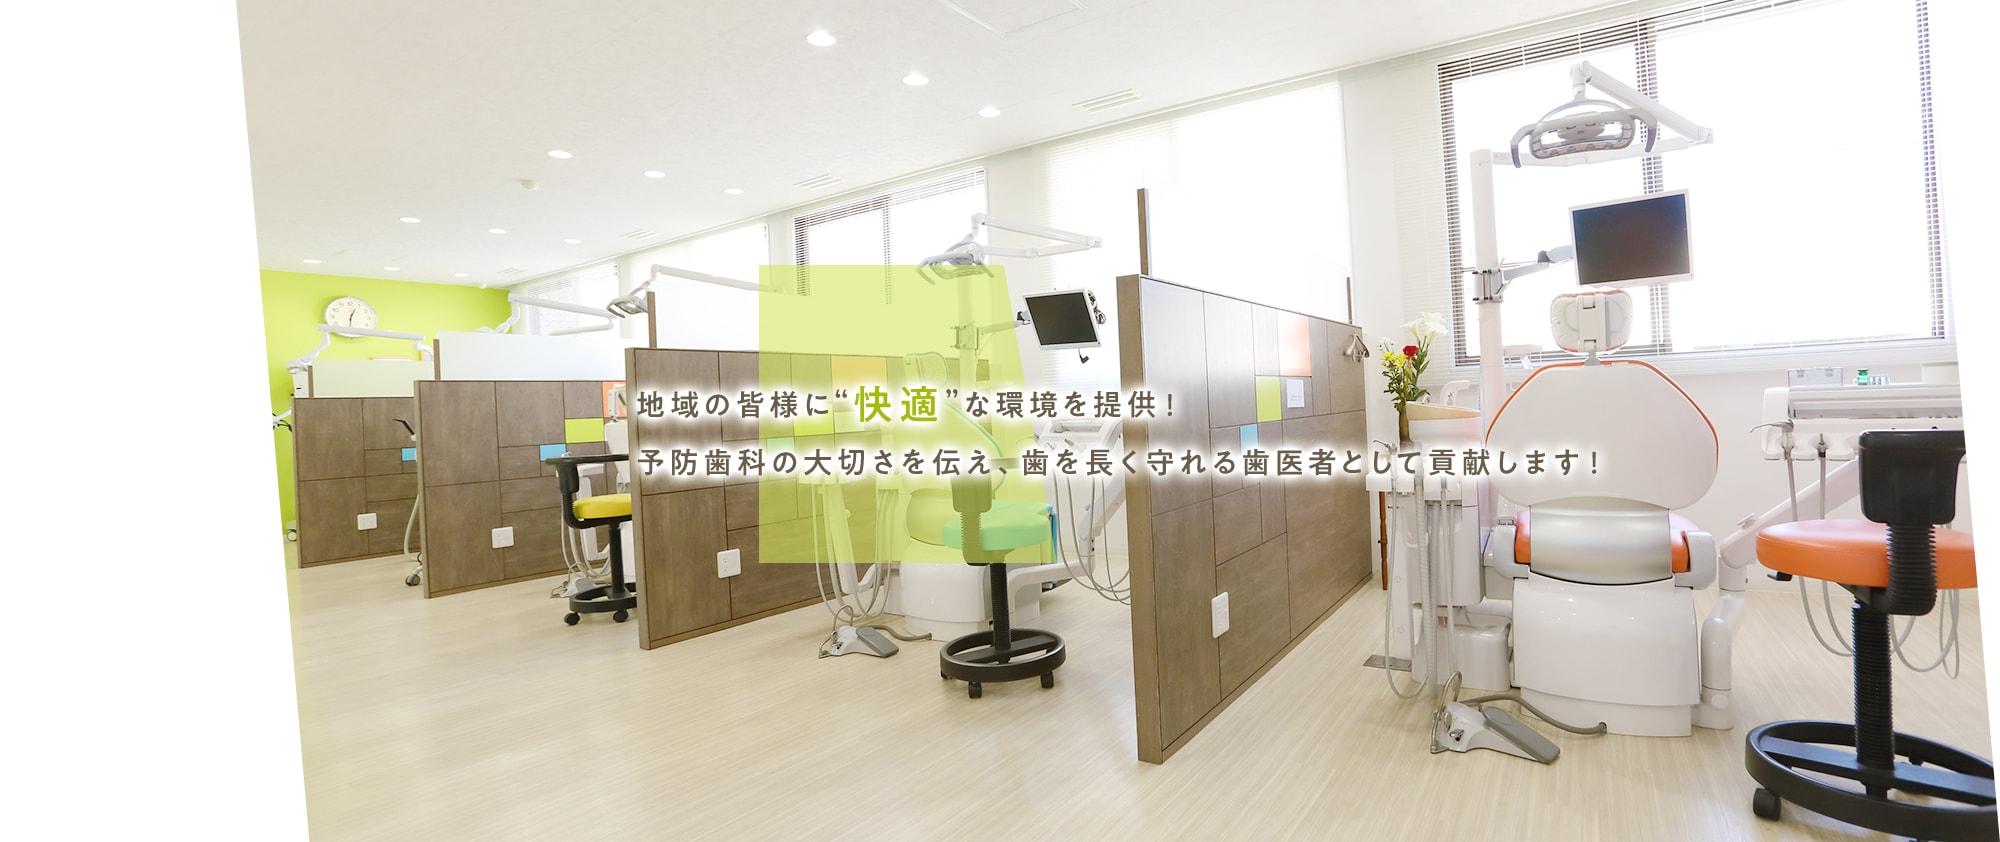 """吉崎歯科は、地域の皆様に""""快適""""な環境を提供!予防歯科の大切さを伝え、歯を長く守れる歯医者として貢献します!"""